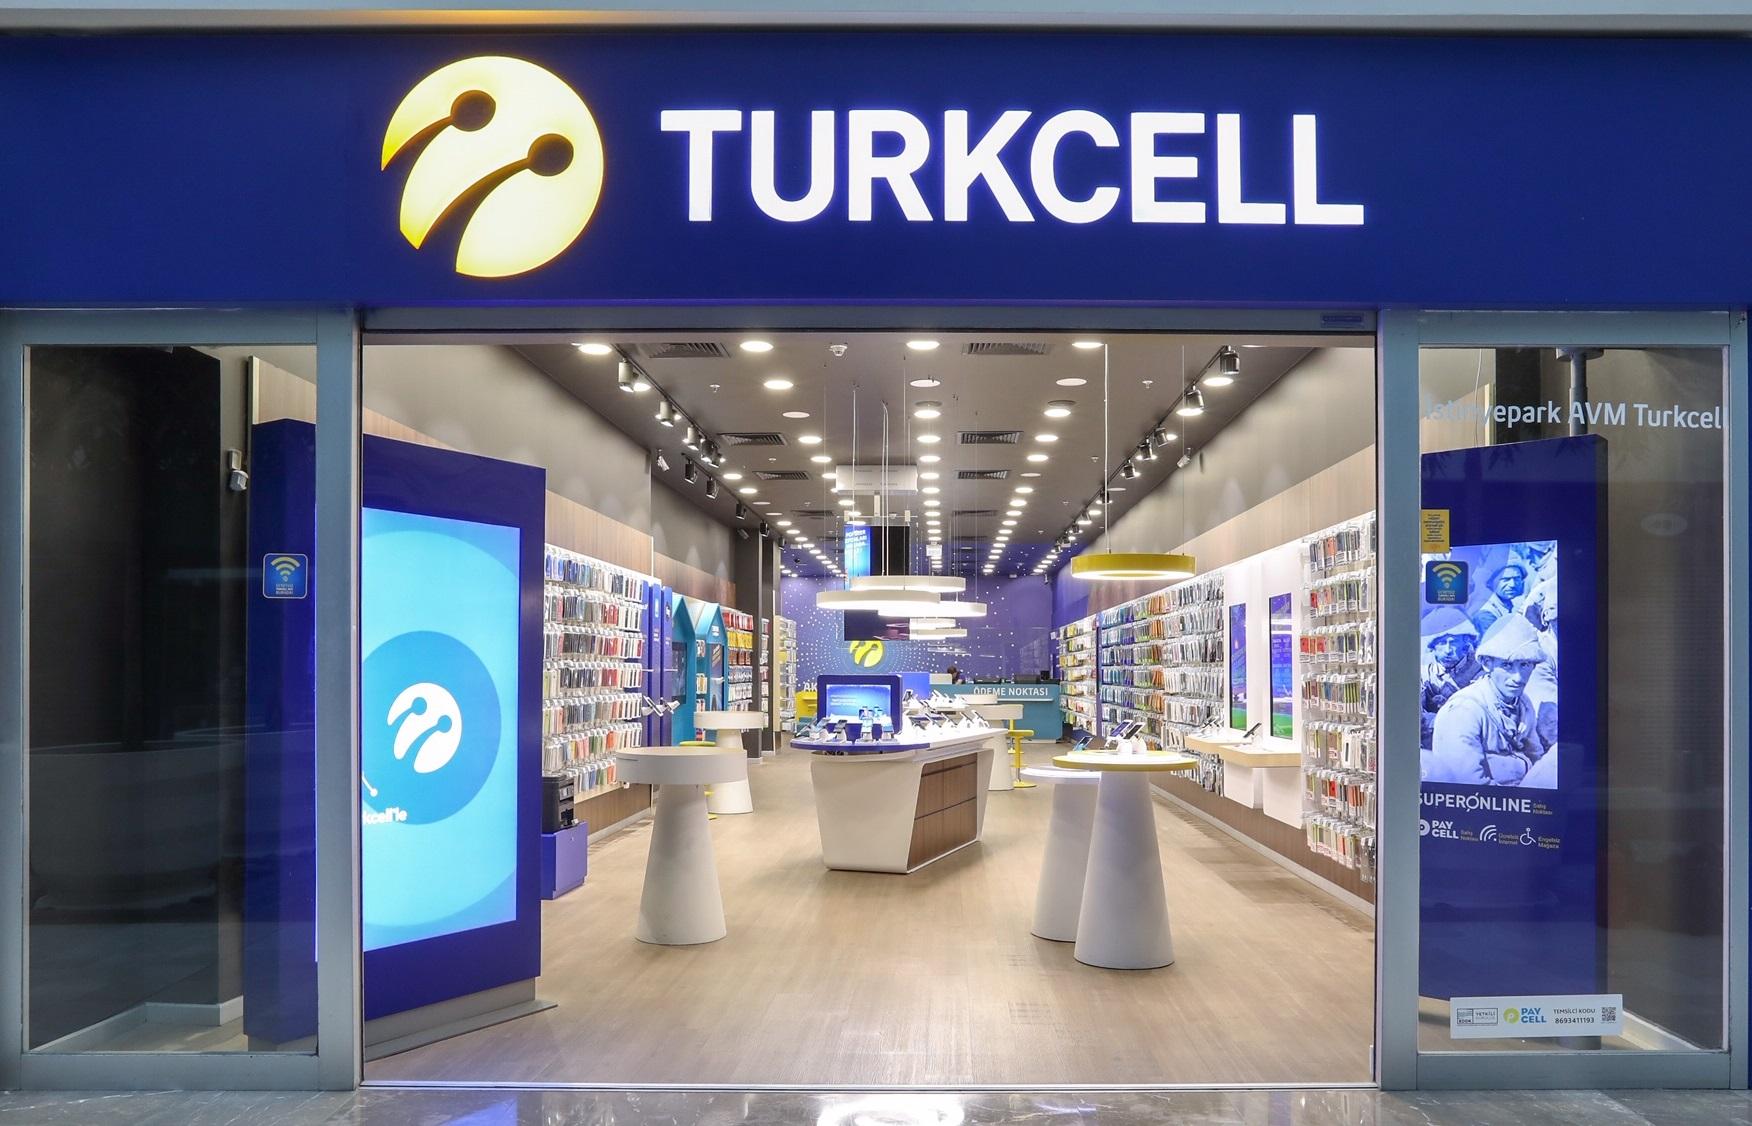 Kurumsal danışmanlar TVF ile Turkcell'in istikrarına 'Evet' dedi